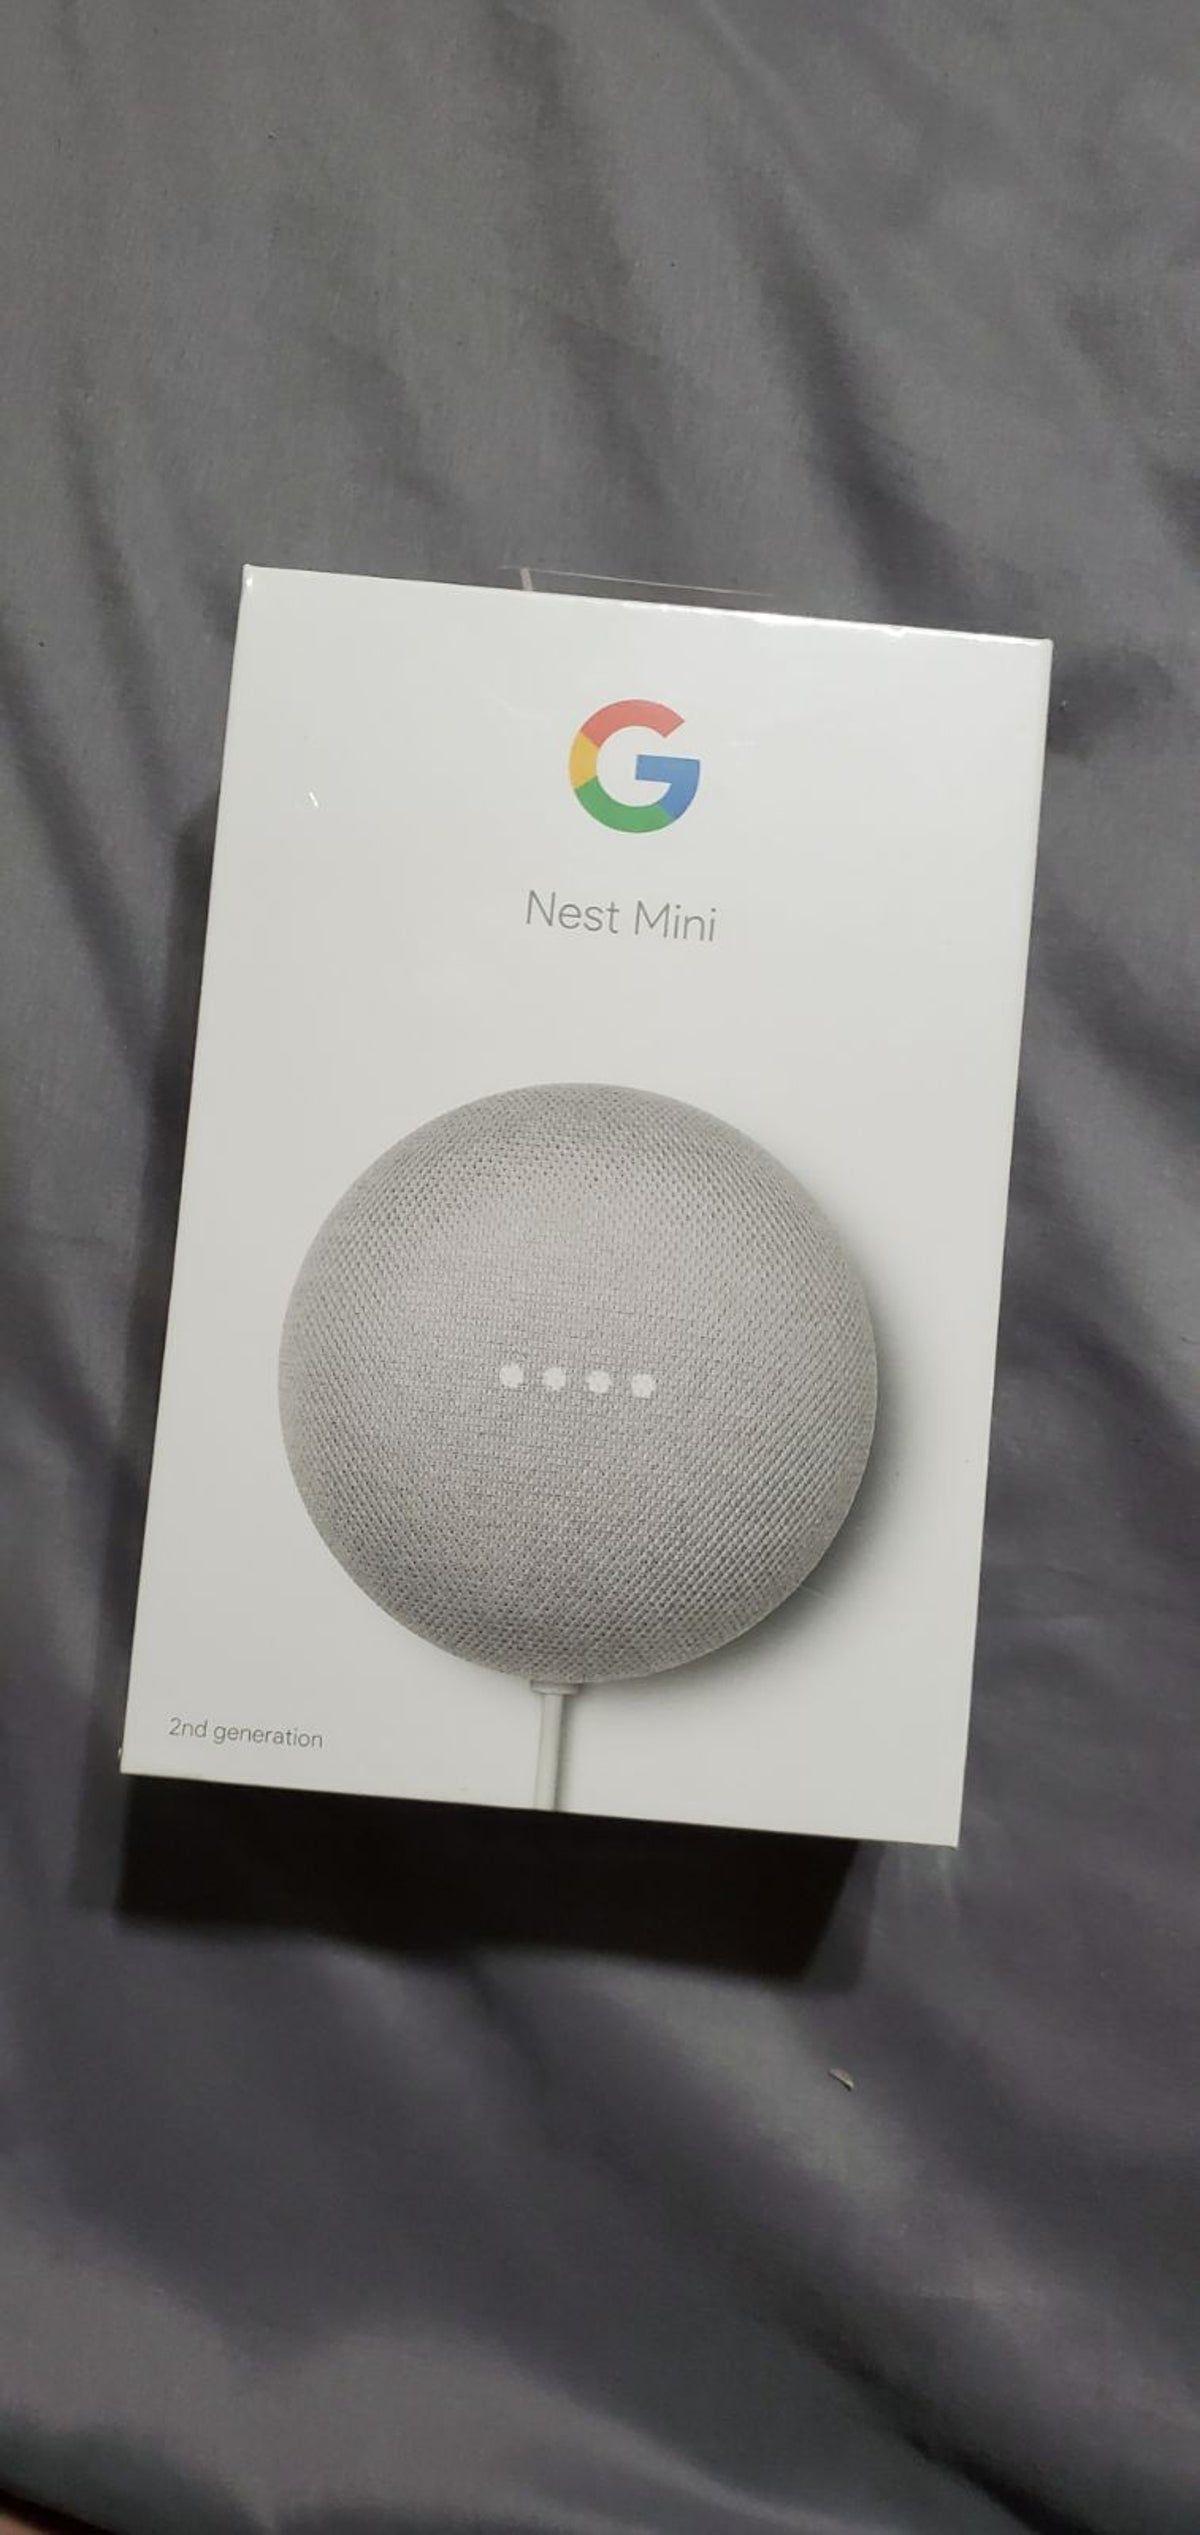 ミニ と は グーグル ネスト